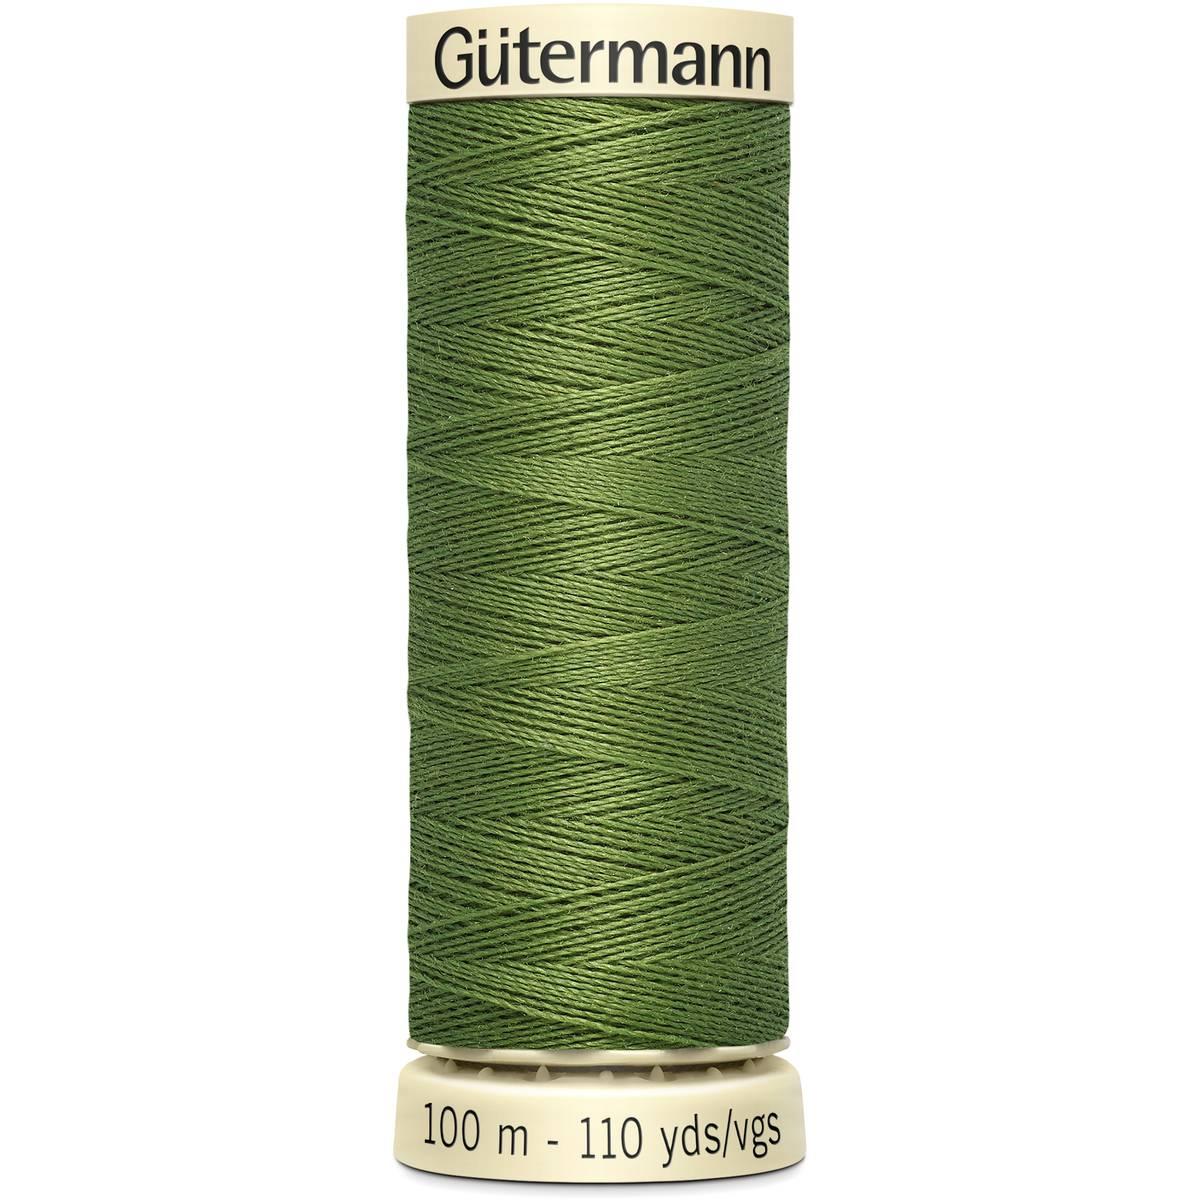 חוט תפירה גוטרמן - Green 283